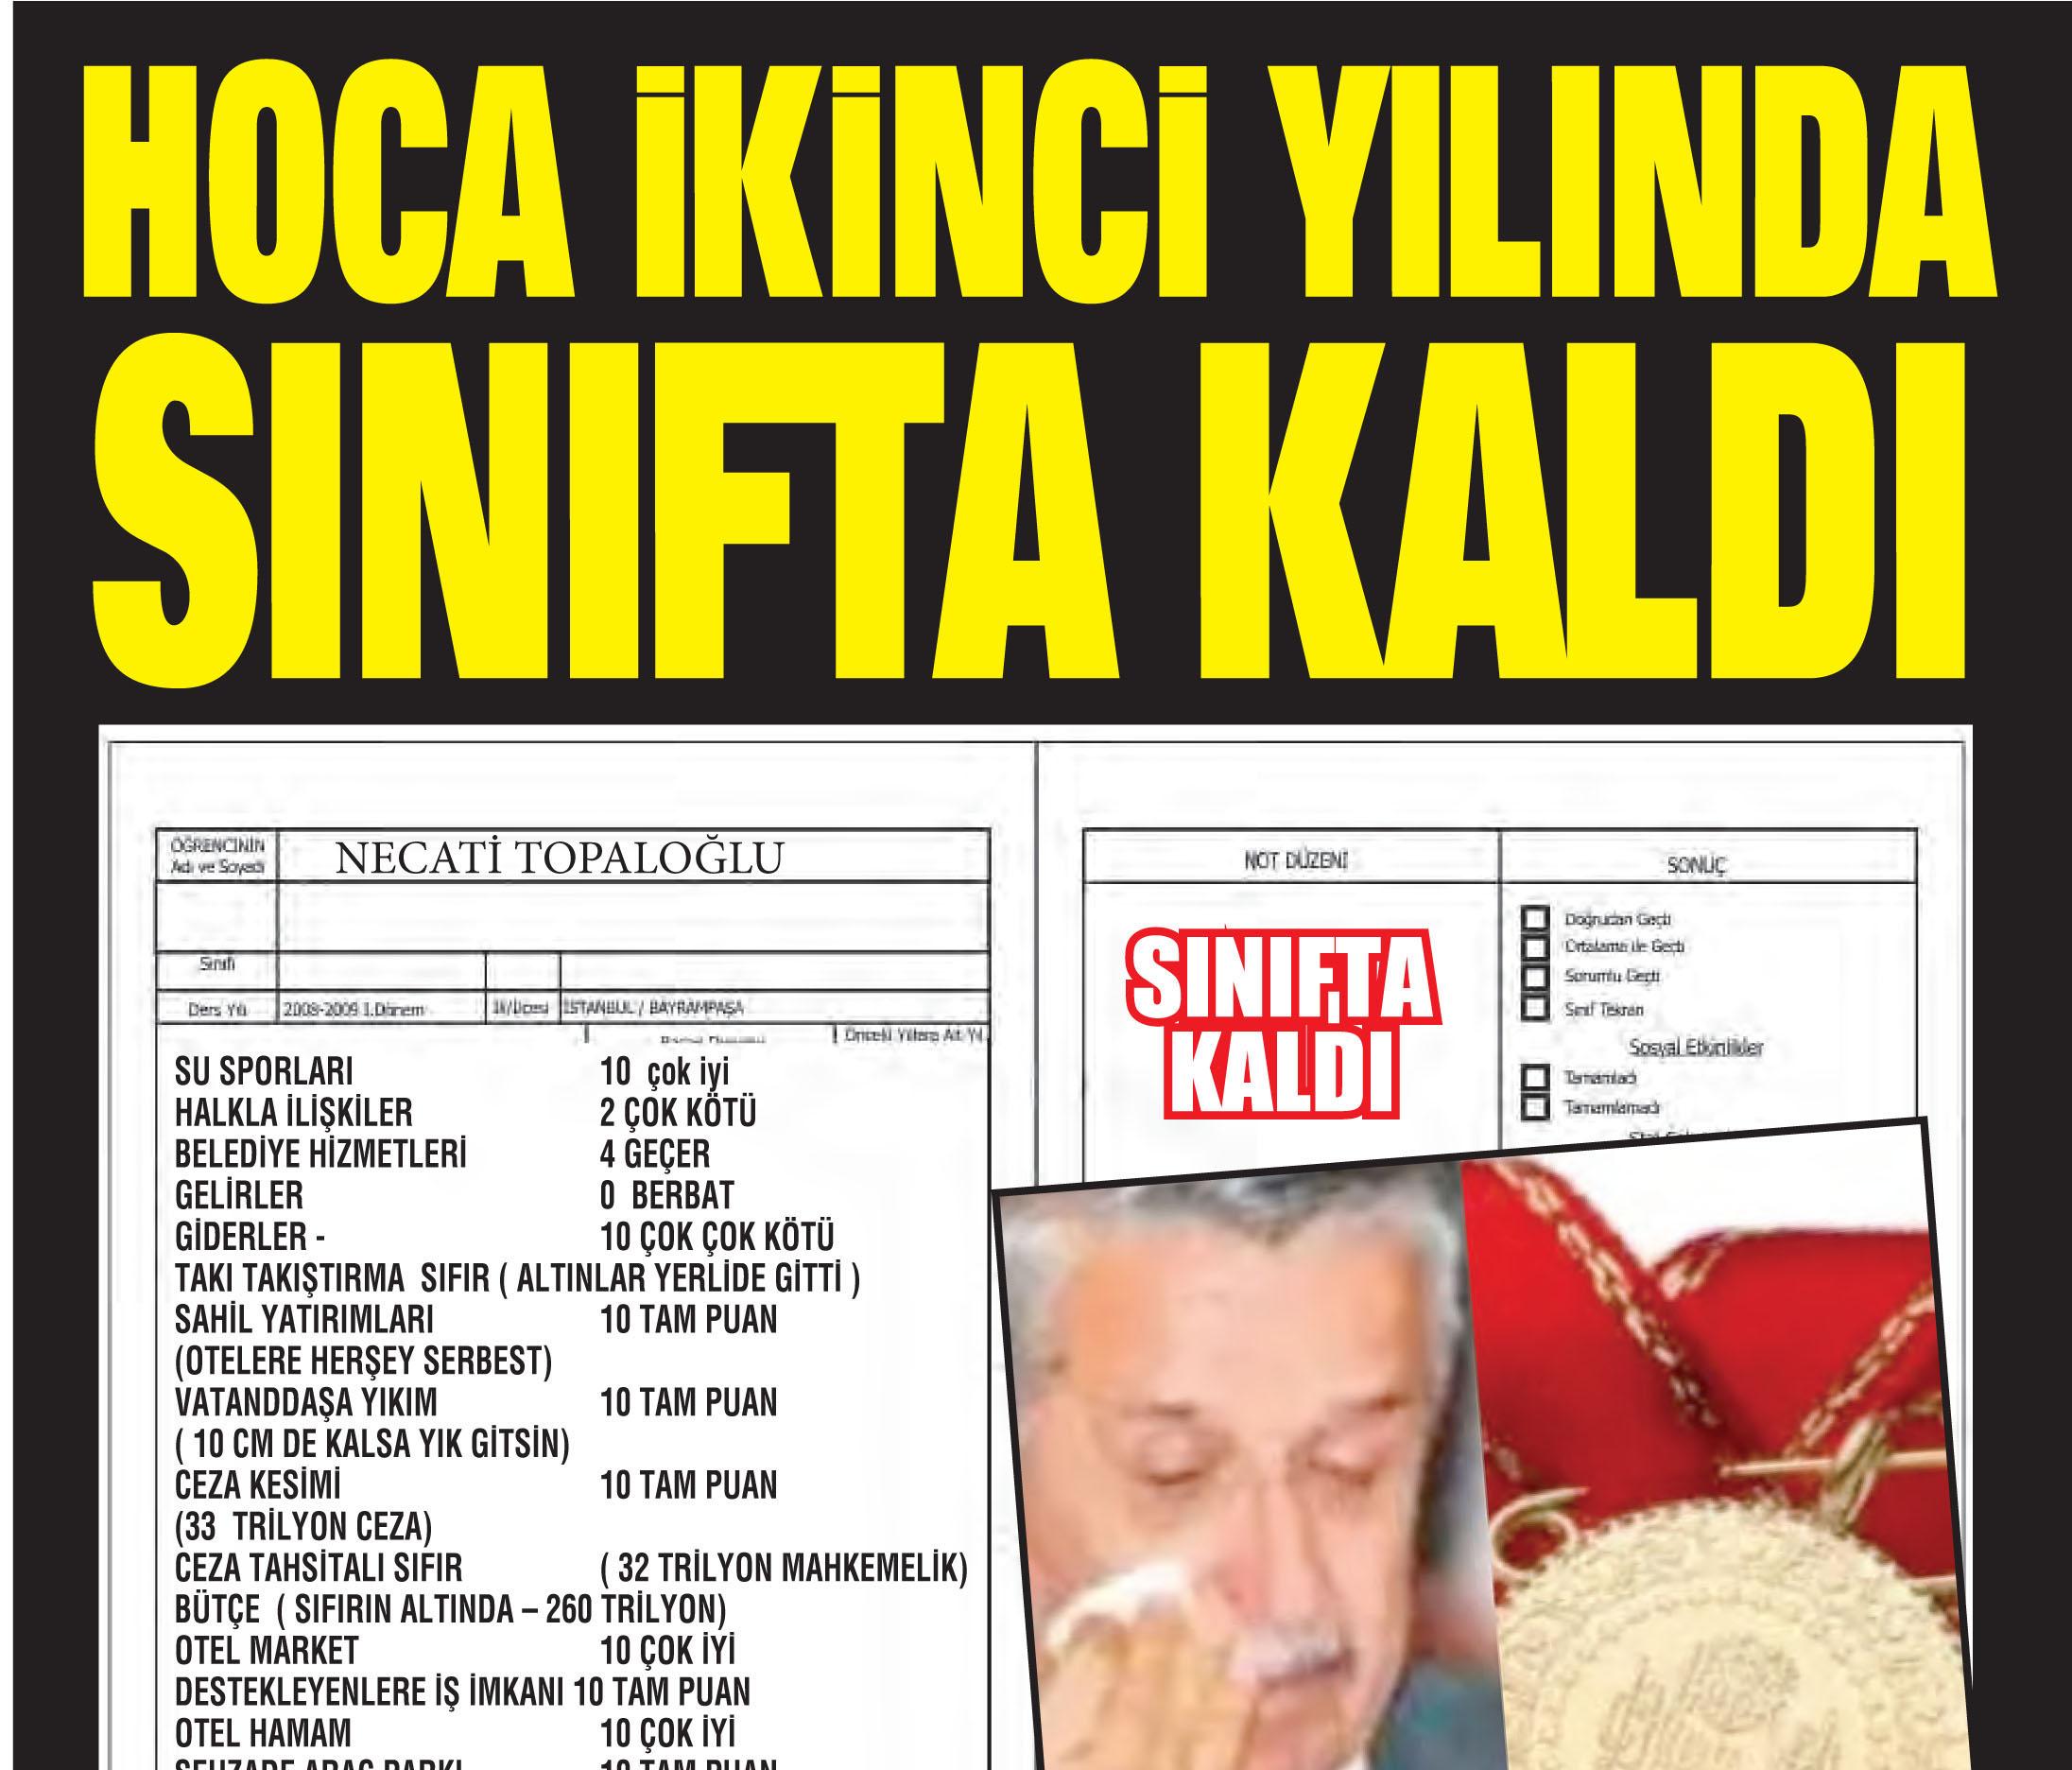 HOCA İKİNCİ YILINDA SINIFTA KALDI.